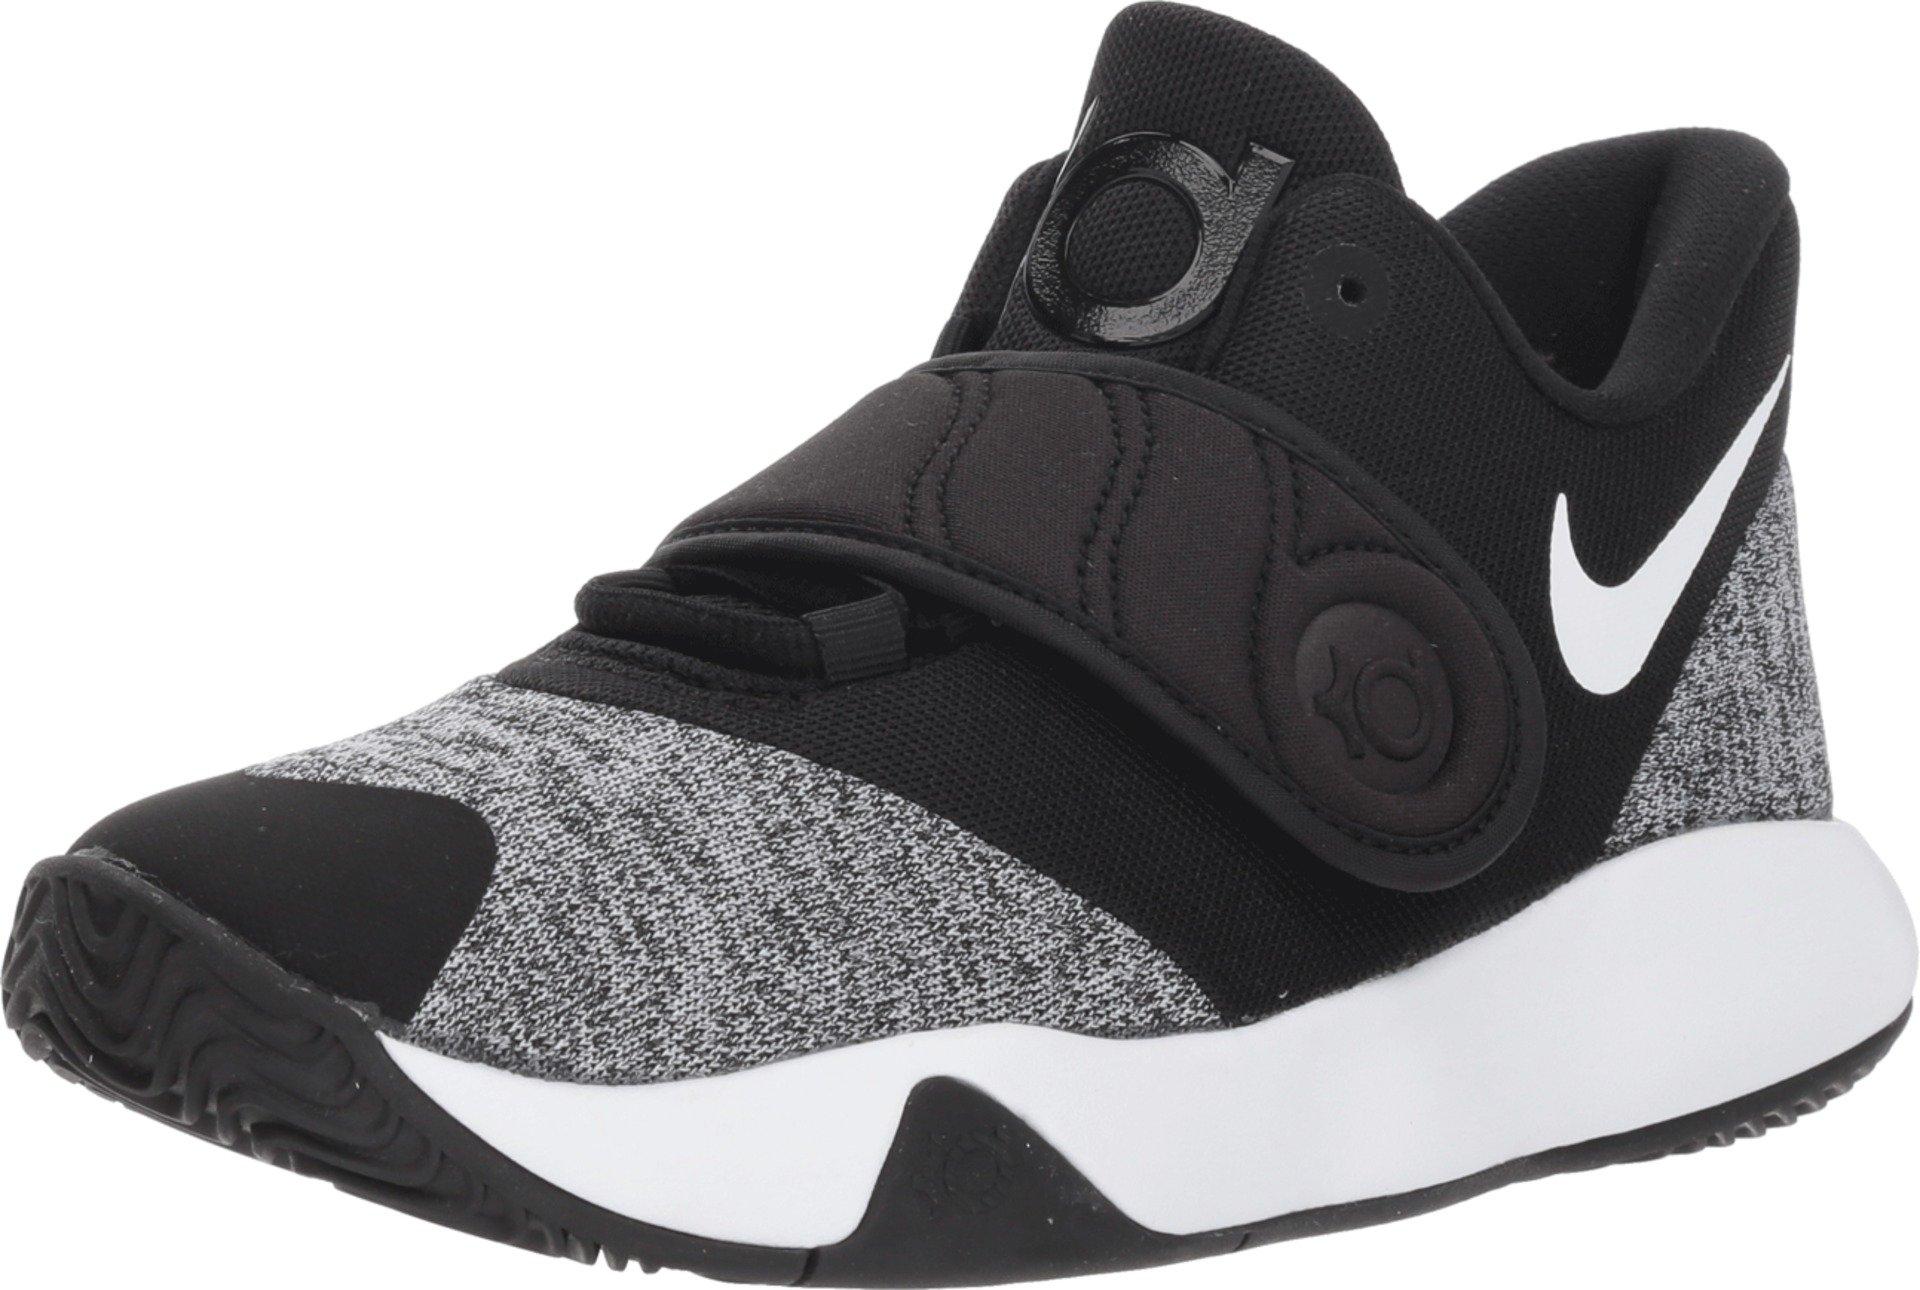 Nike Boy's KD Trey 5 VI Basketball Shoe Black/White Size 6 M US